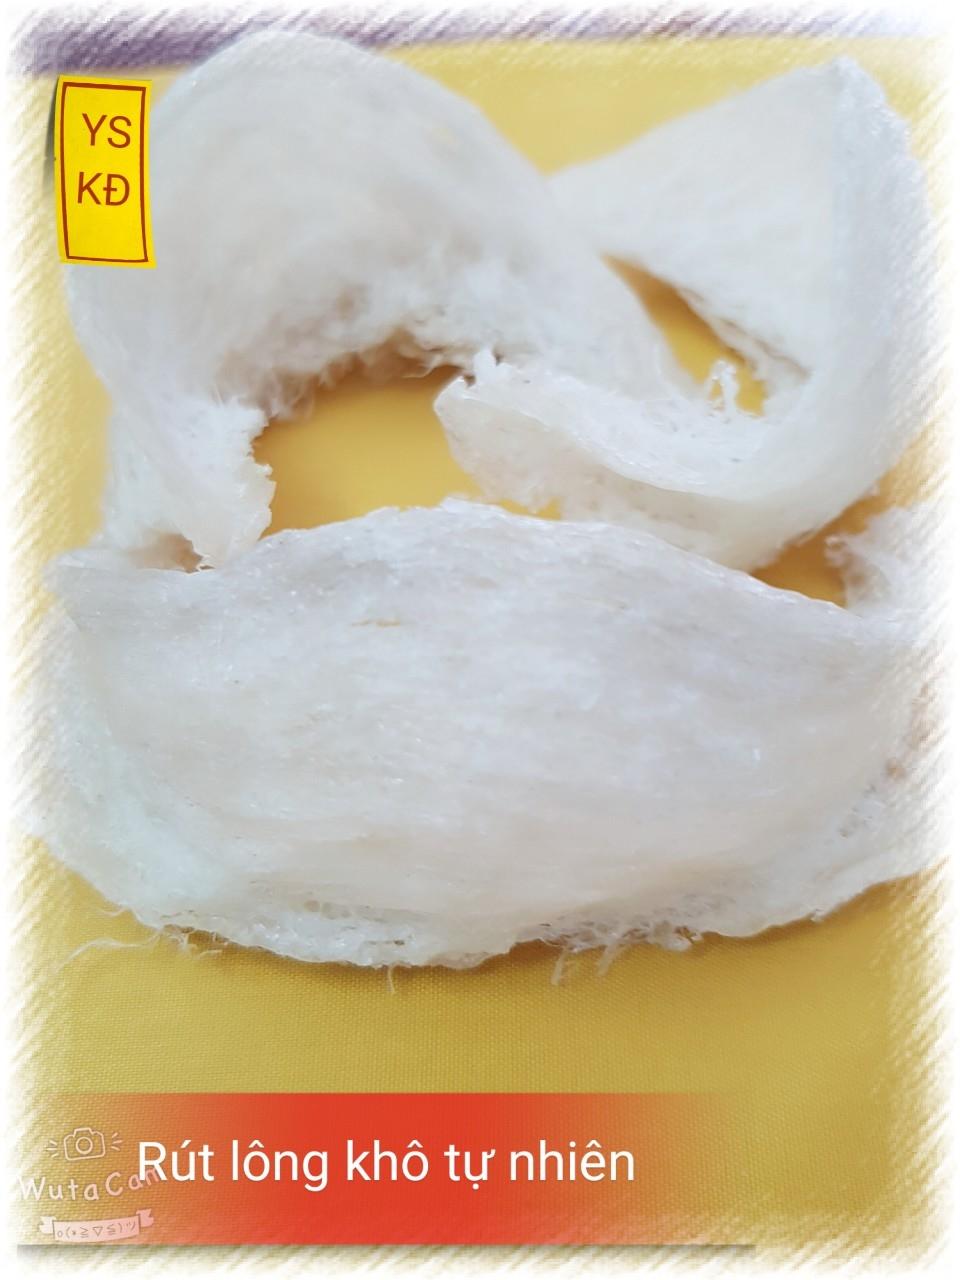 Tổ Yến sào rút lông khô Cần giờ  - Khánh Đan 100g